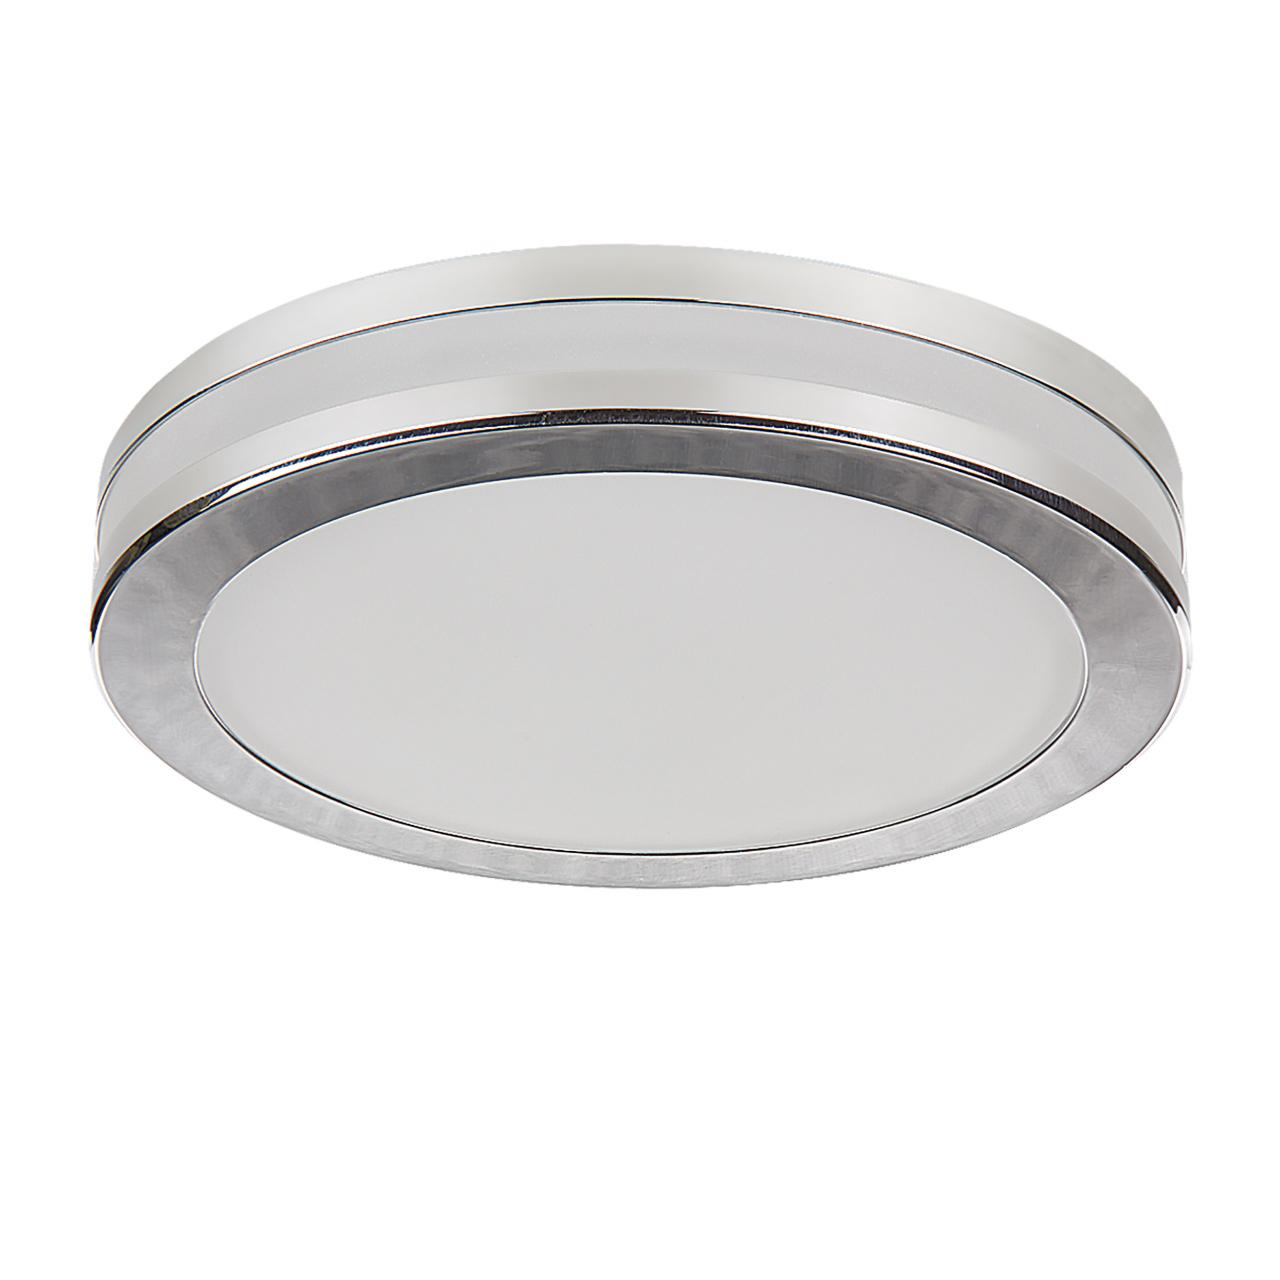 Светильник Maturo LED 15W 1200LM хром / матовый 4000K Lightstar 070274